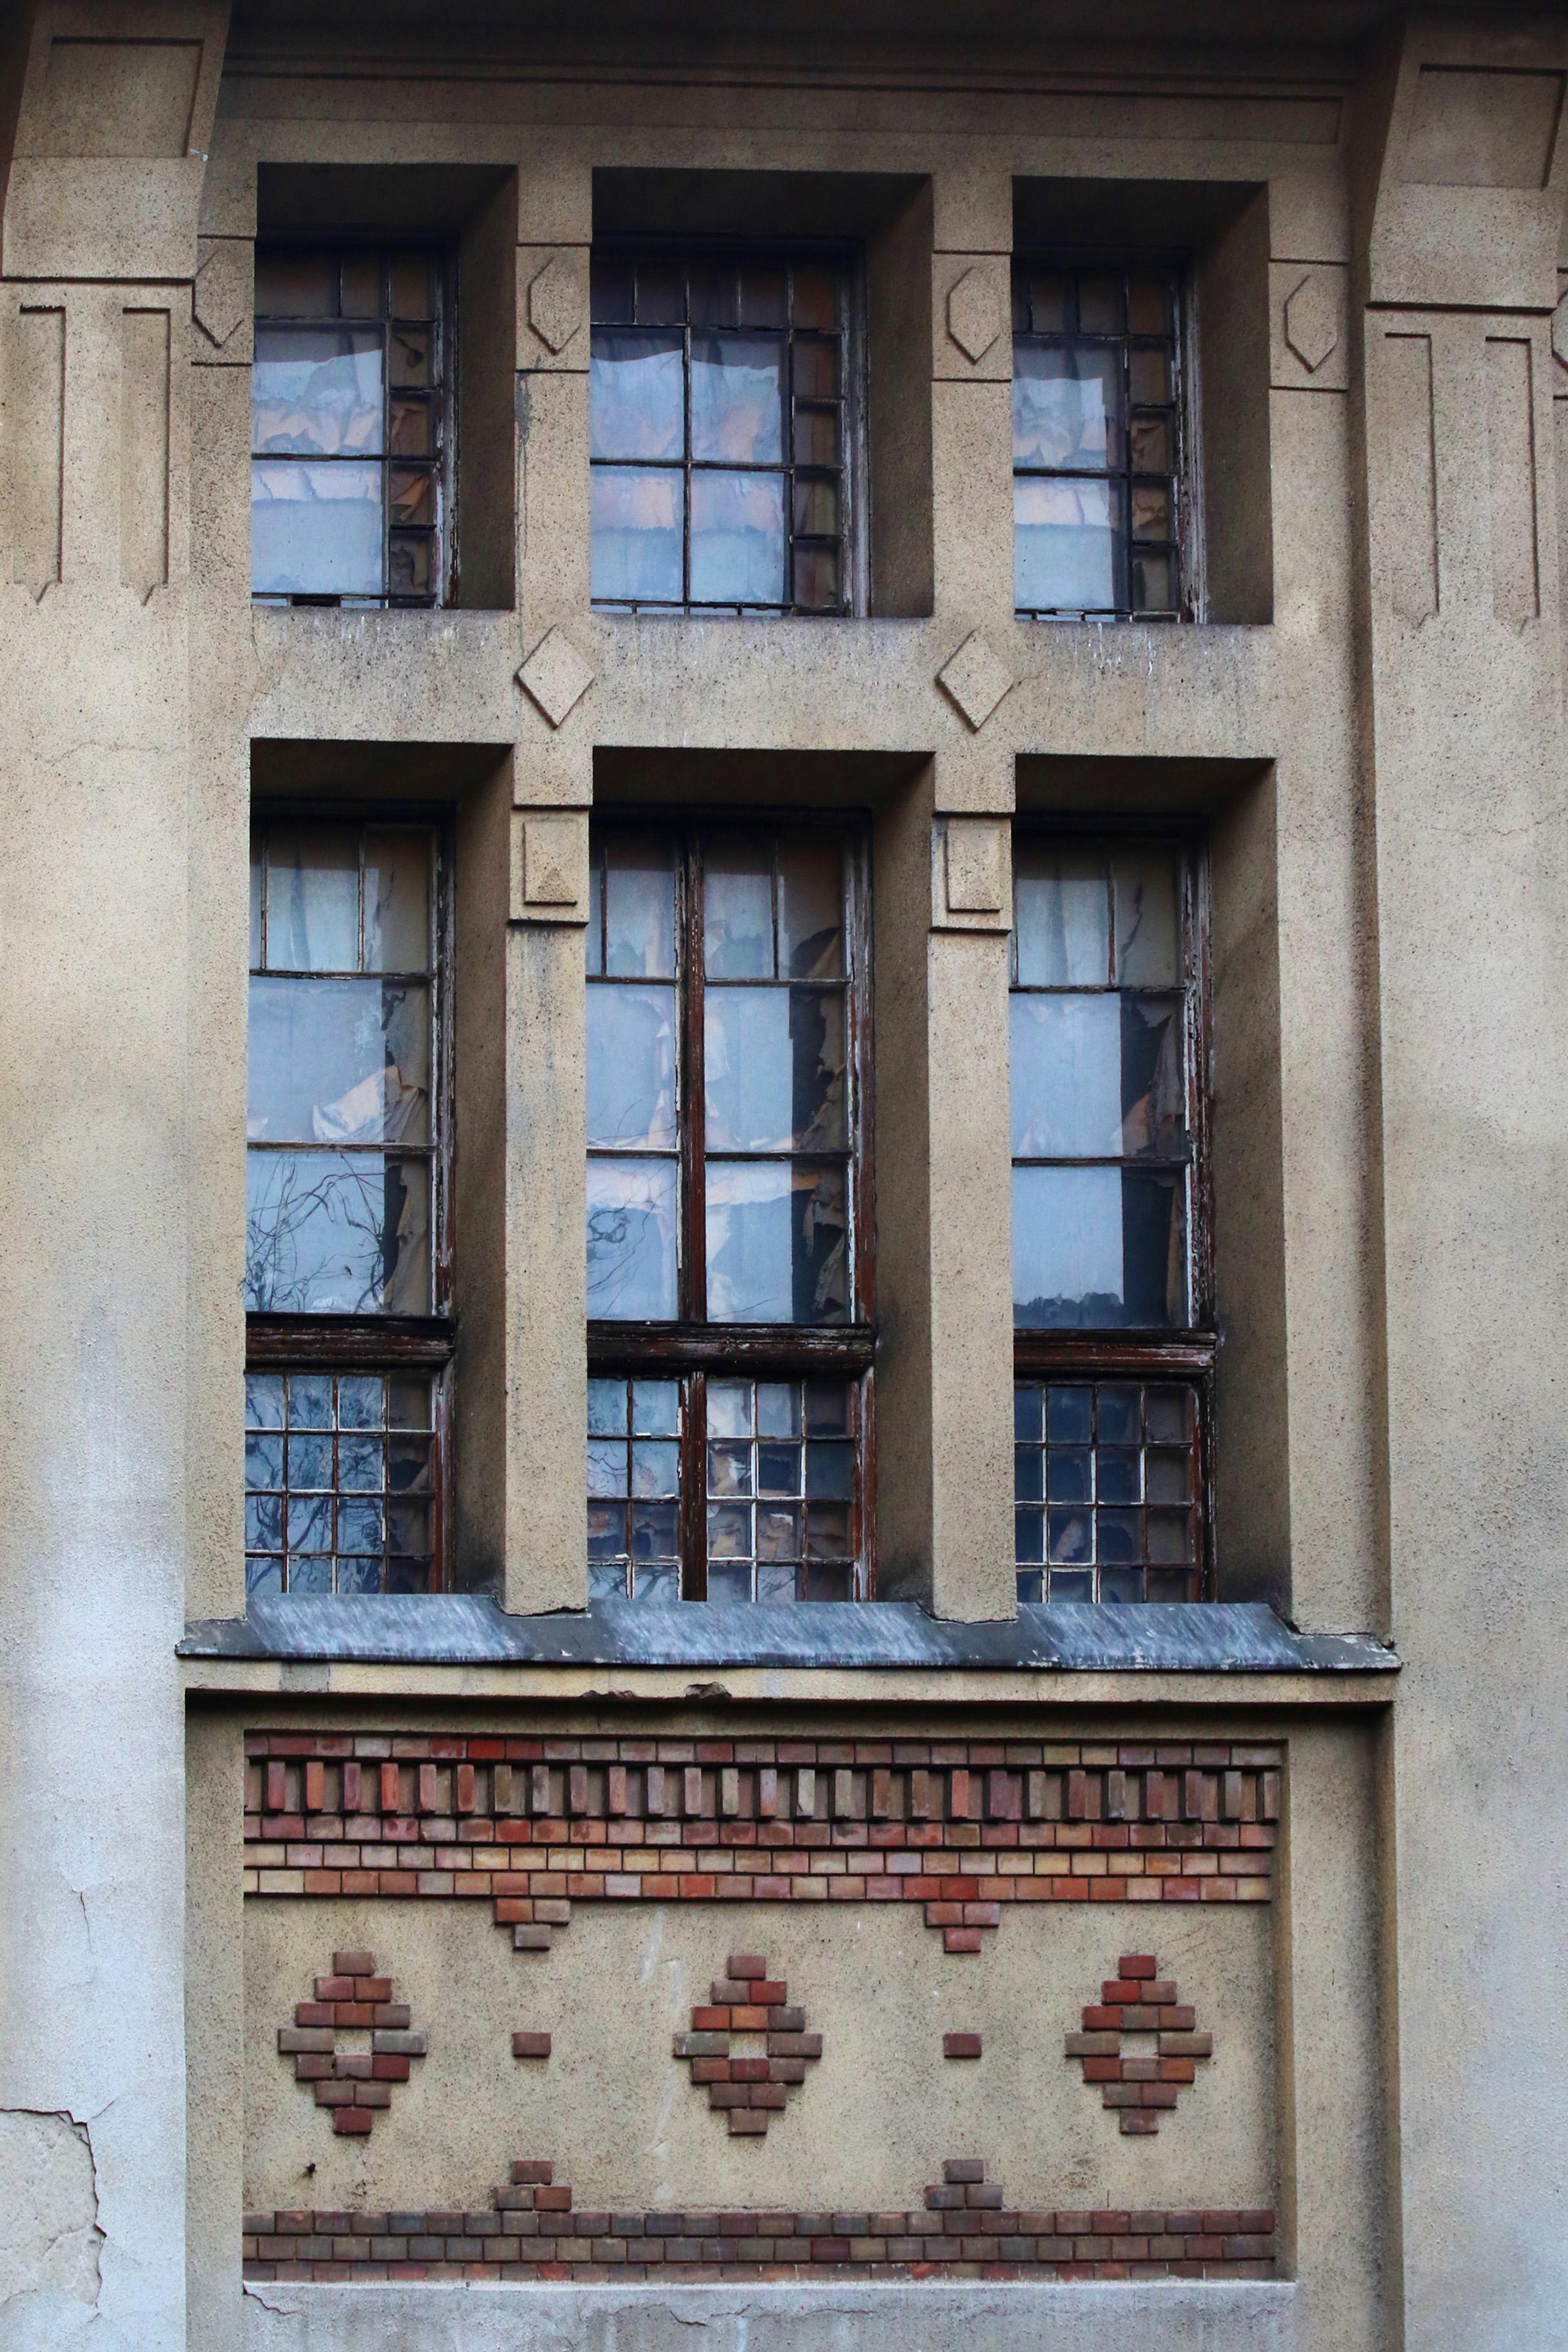 Ganz-MÁVAG kolónia, az 1315 nm-es terem egyik ablaka